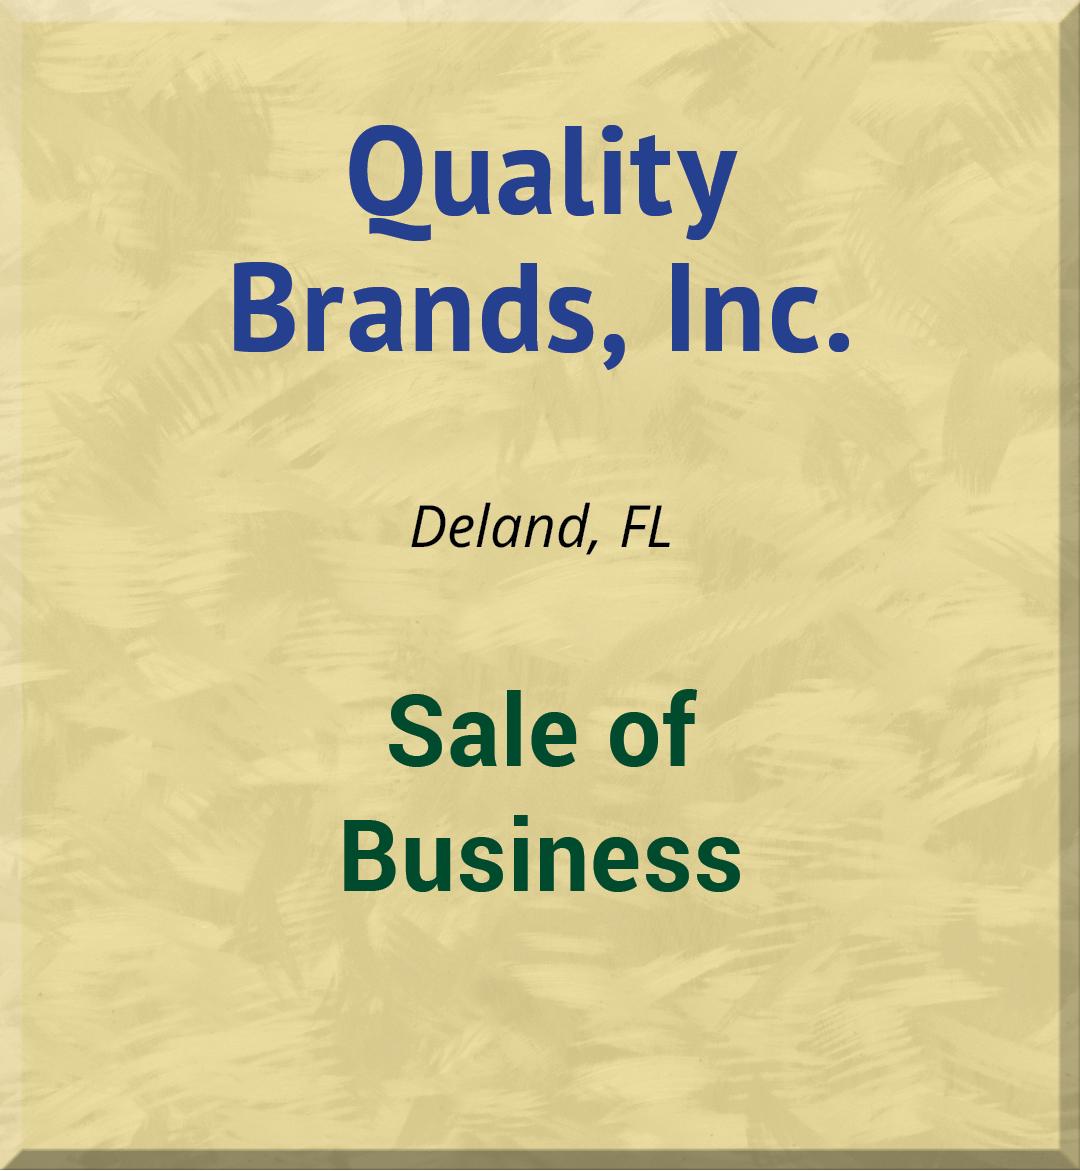 Quality Brands, Inc.